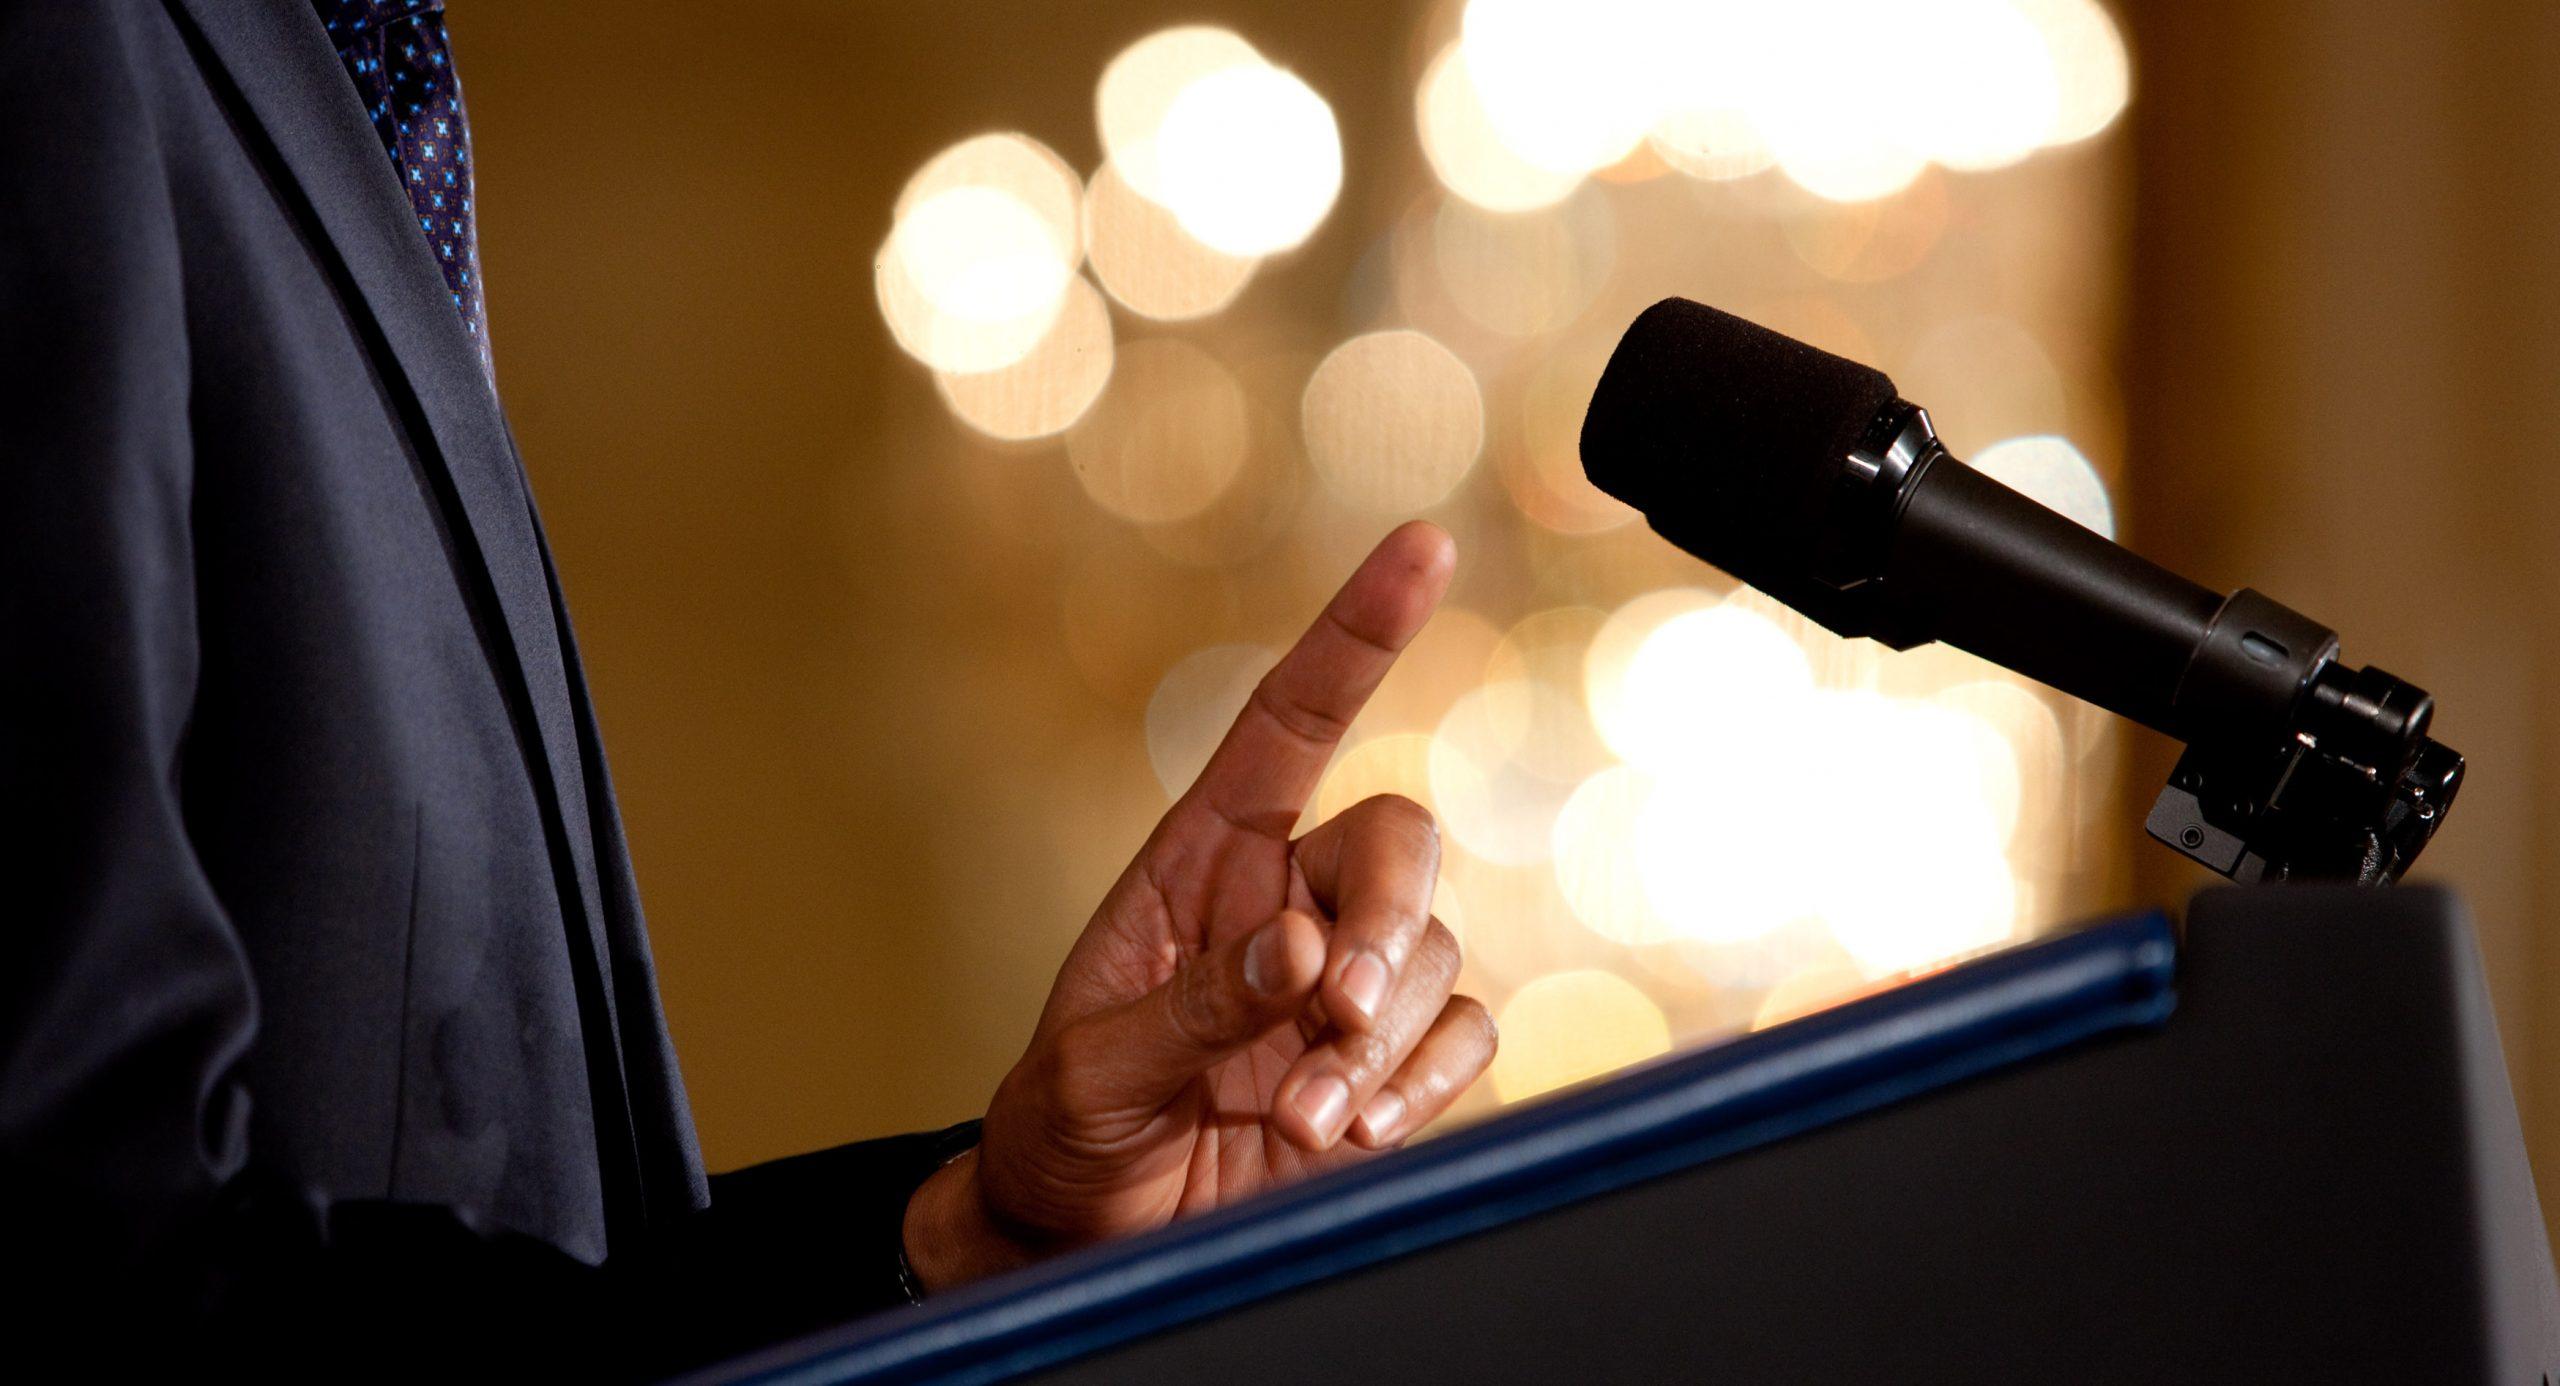 10 motivos por los qué debes aprender hablar en publico: